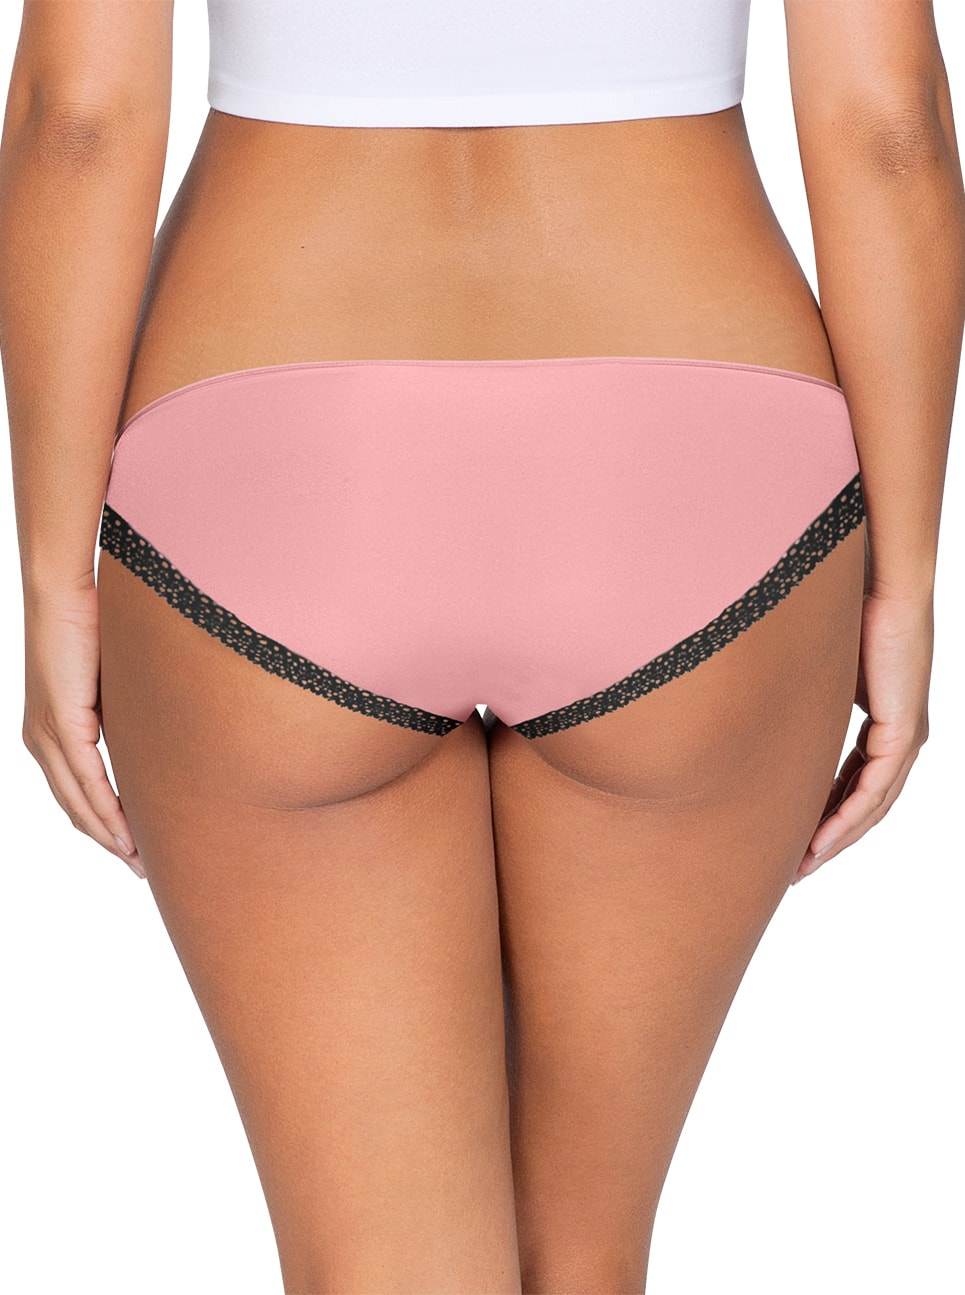 ParfaitPanty Solovely Bikini PP301 D PinkBack close - So Lovely Bikini Quartz Pink PP301